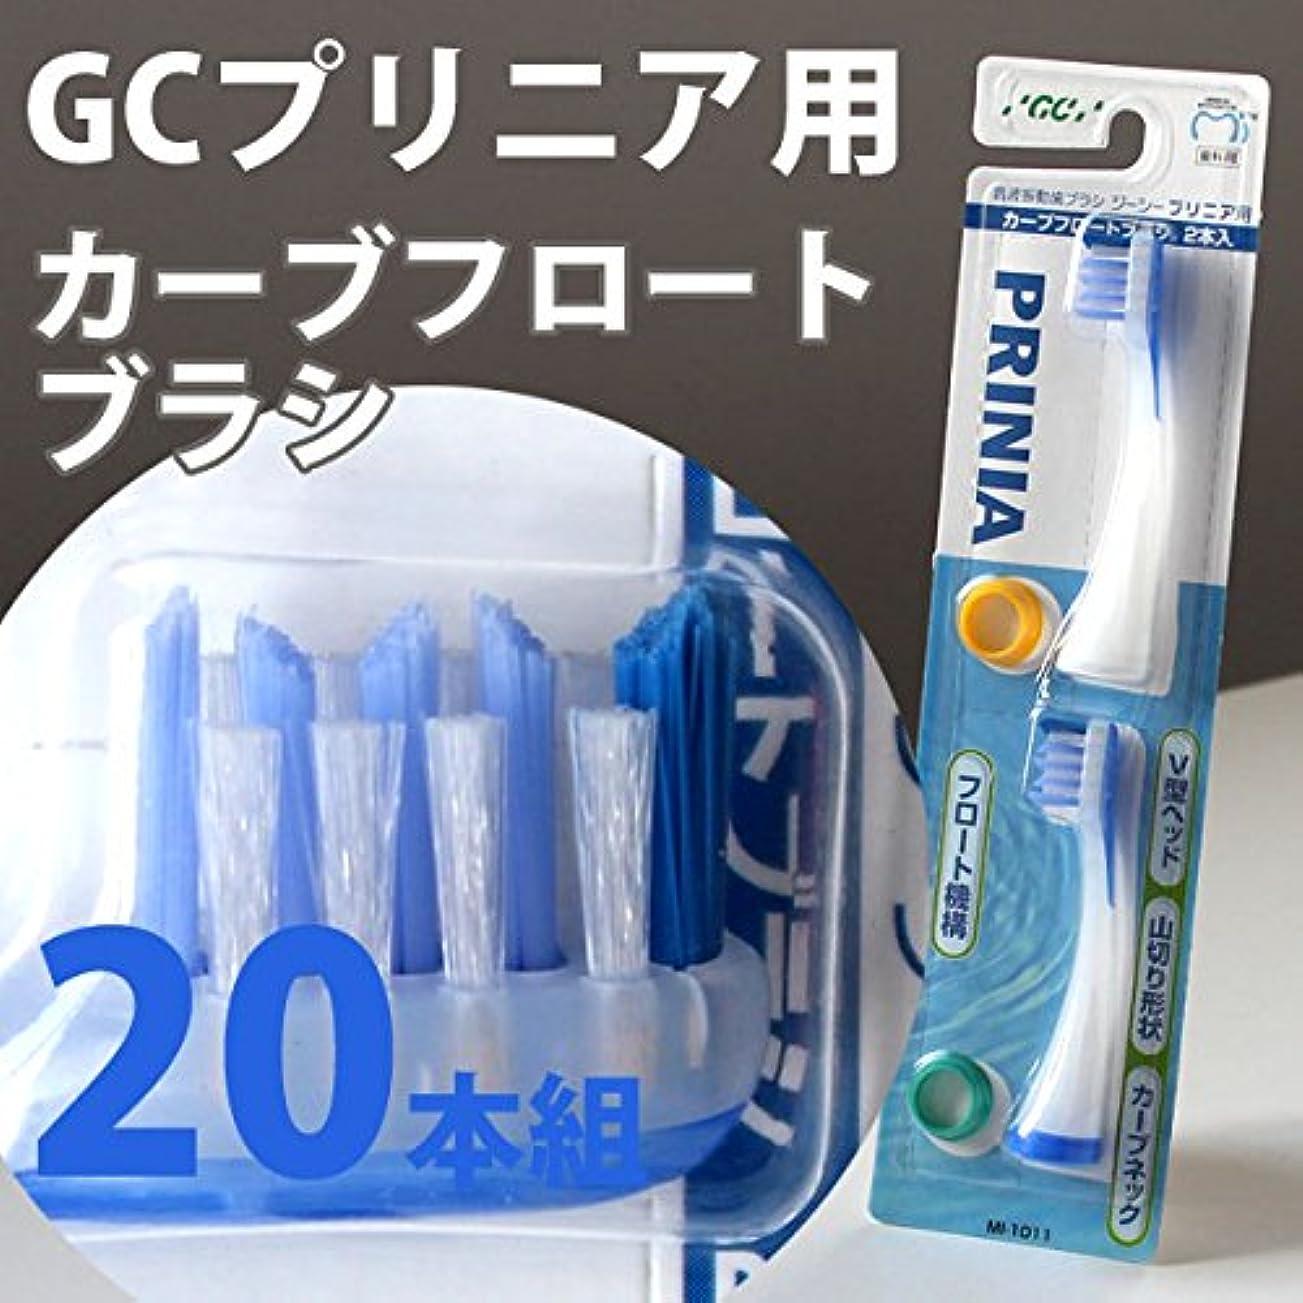 妨げる報いるマットプリニア GC 音波振動 歯ブラシ プリニアスリム替えブラシ カーブフロートブラシ 10セット 便不 ブルー